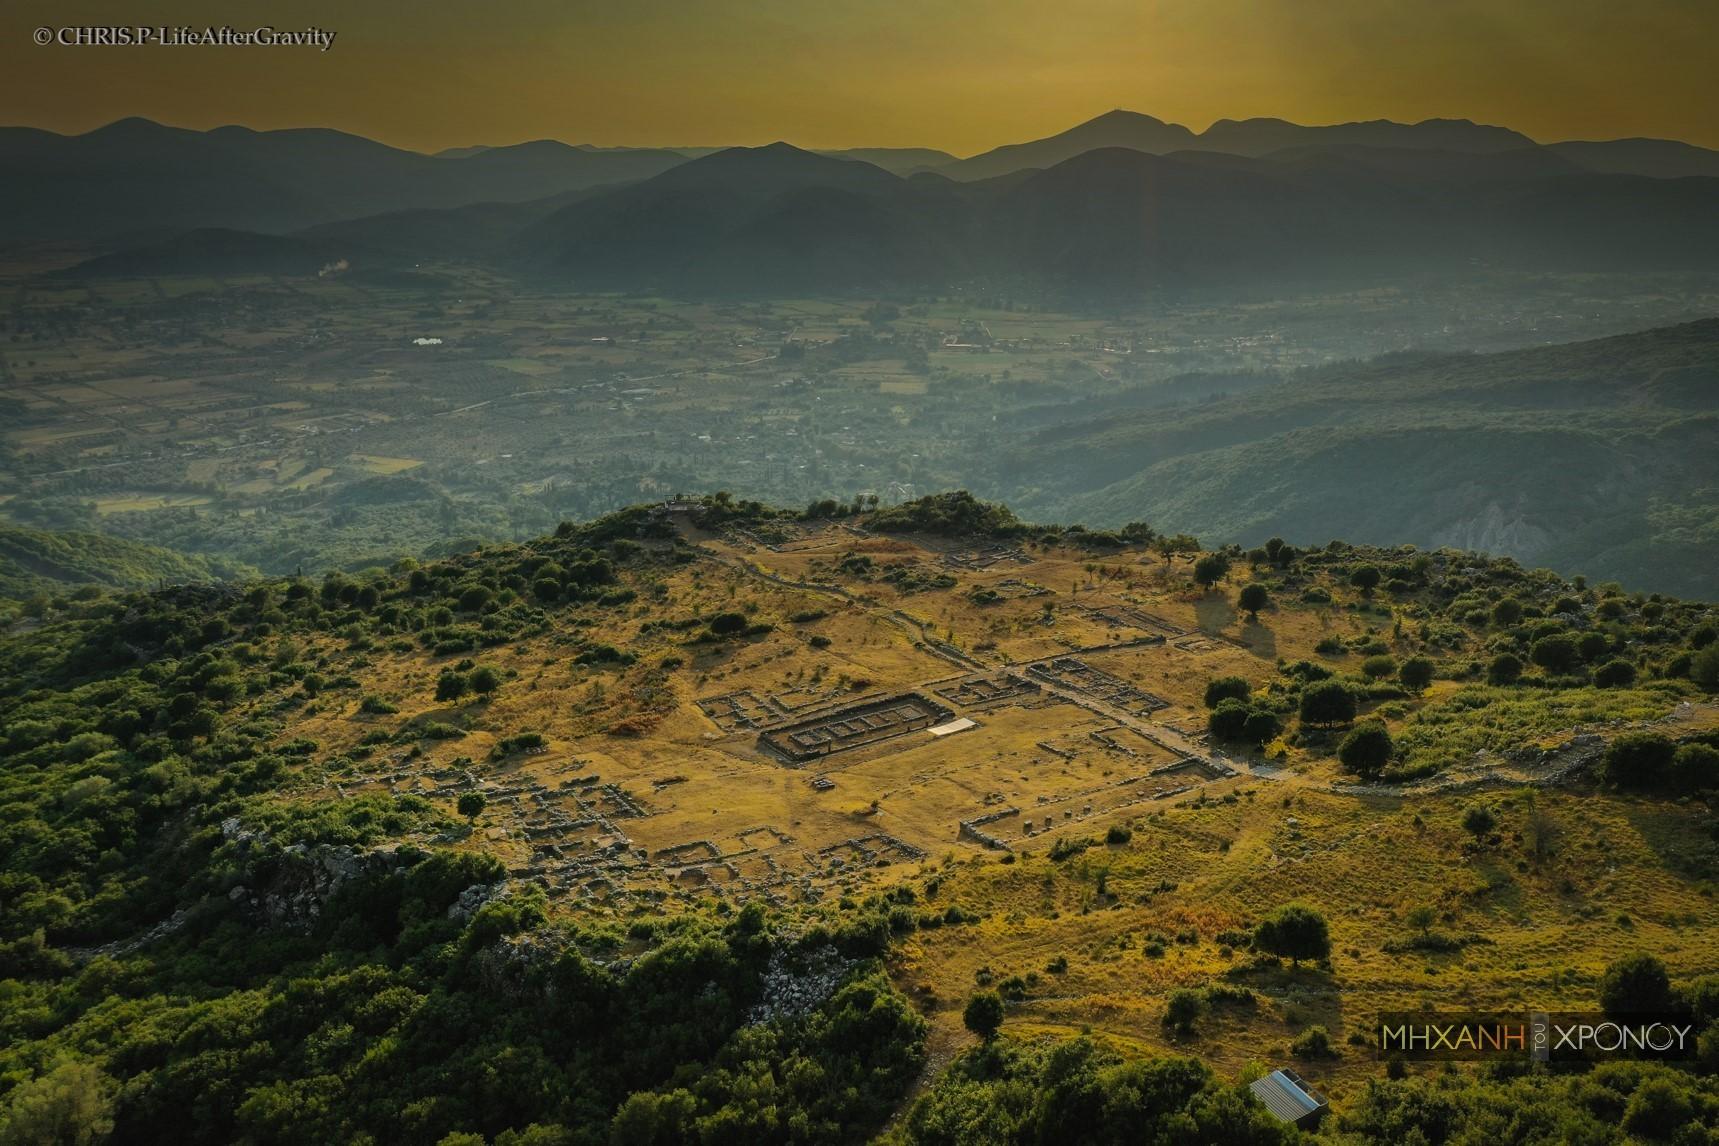 Δείτε από ψηλά την άγνωστη Aκρόπολη της Θεσπρωτίας που ξέρουν μόνο οι μυημένοι. Ποια ήταν η Αρχαία Ελέα που είχε ωδεία, σχολεία και θέατρο για 4.000 θεατές (drone)